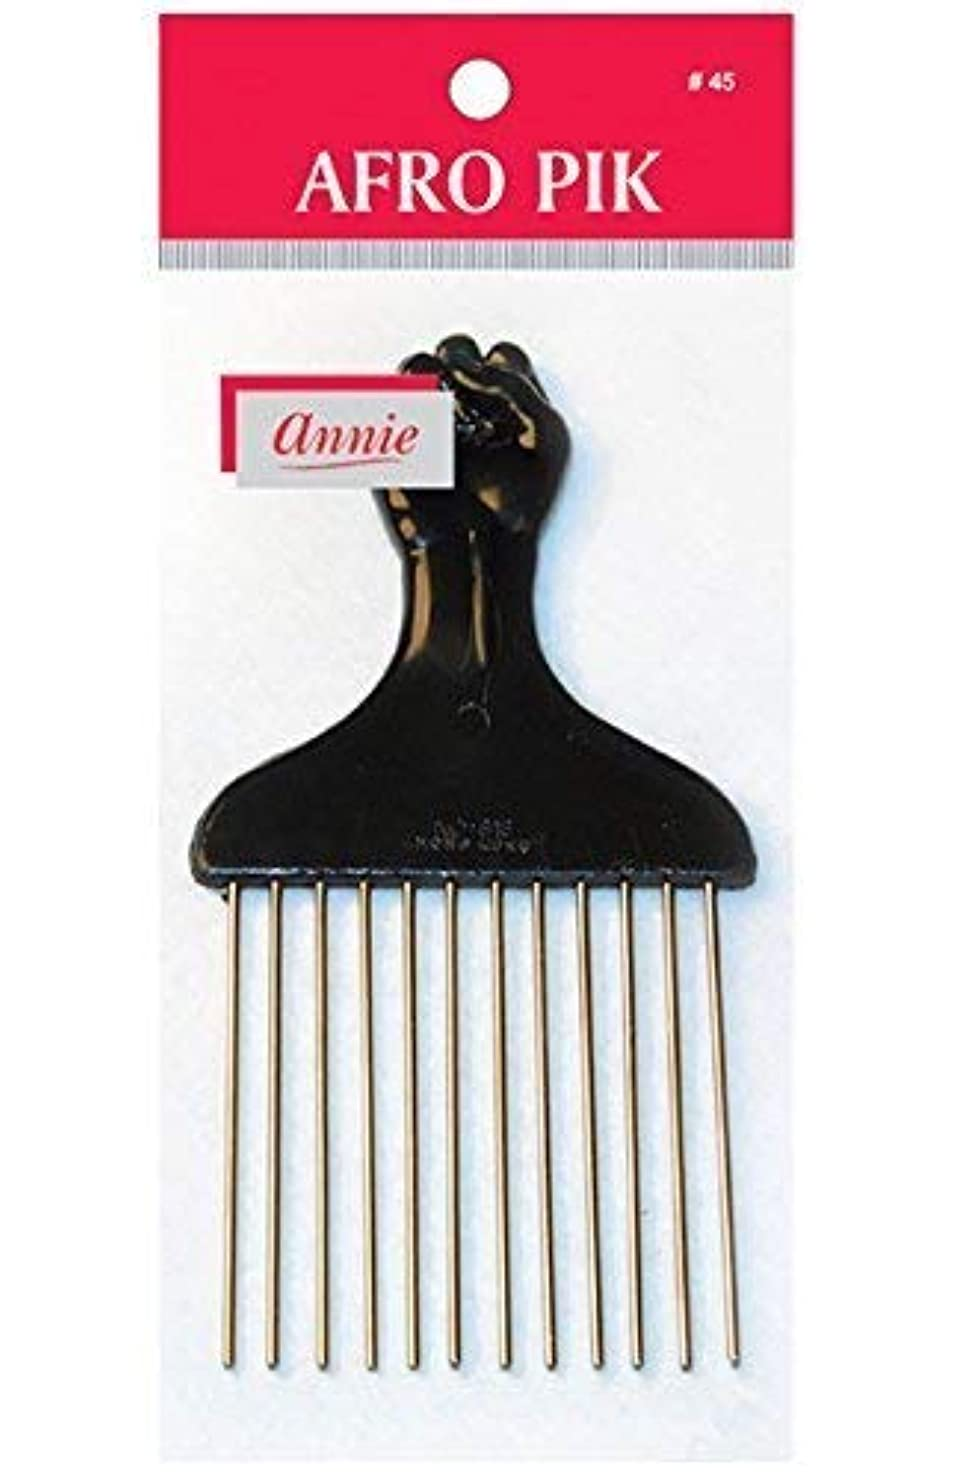 あえぎ北米引き潮annie hair pik FIST Styling Pik metal afro Pik Hair Comb [並行輸入品]